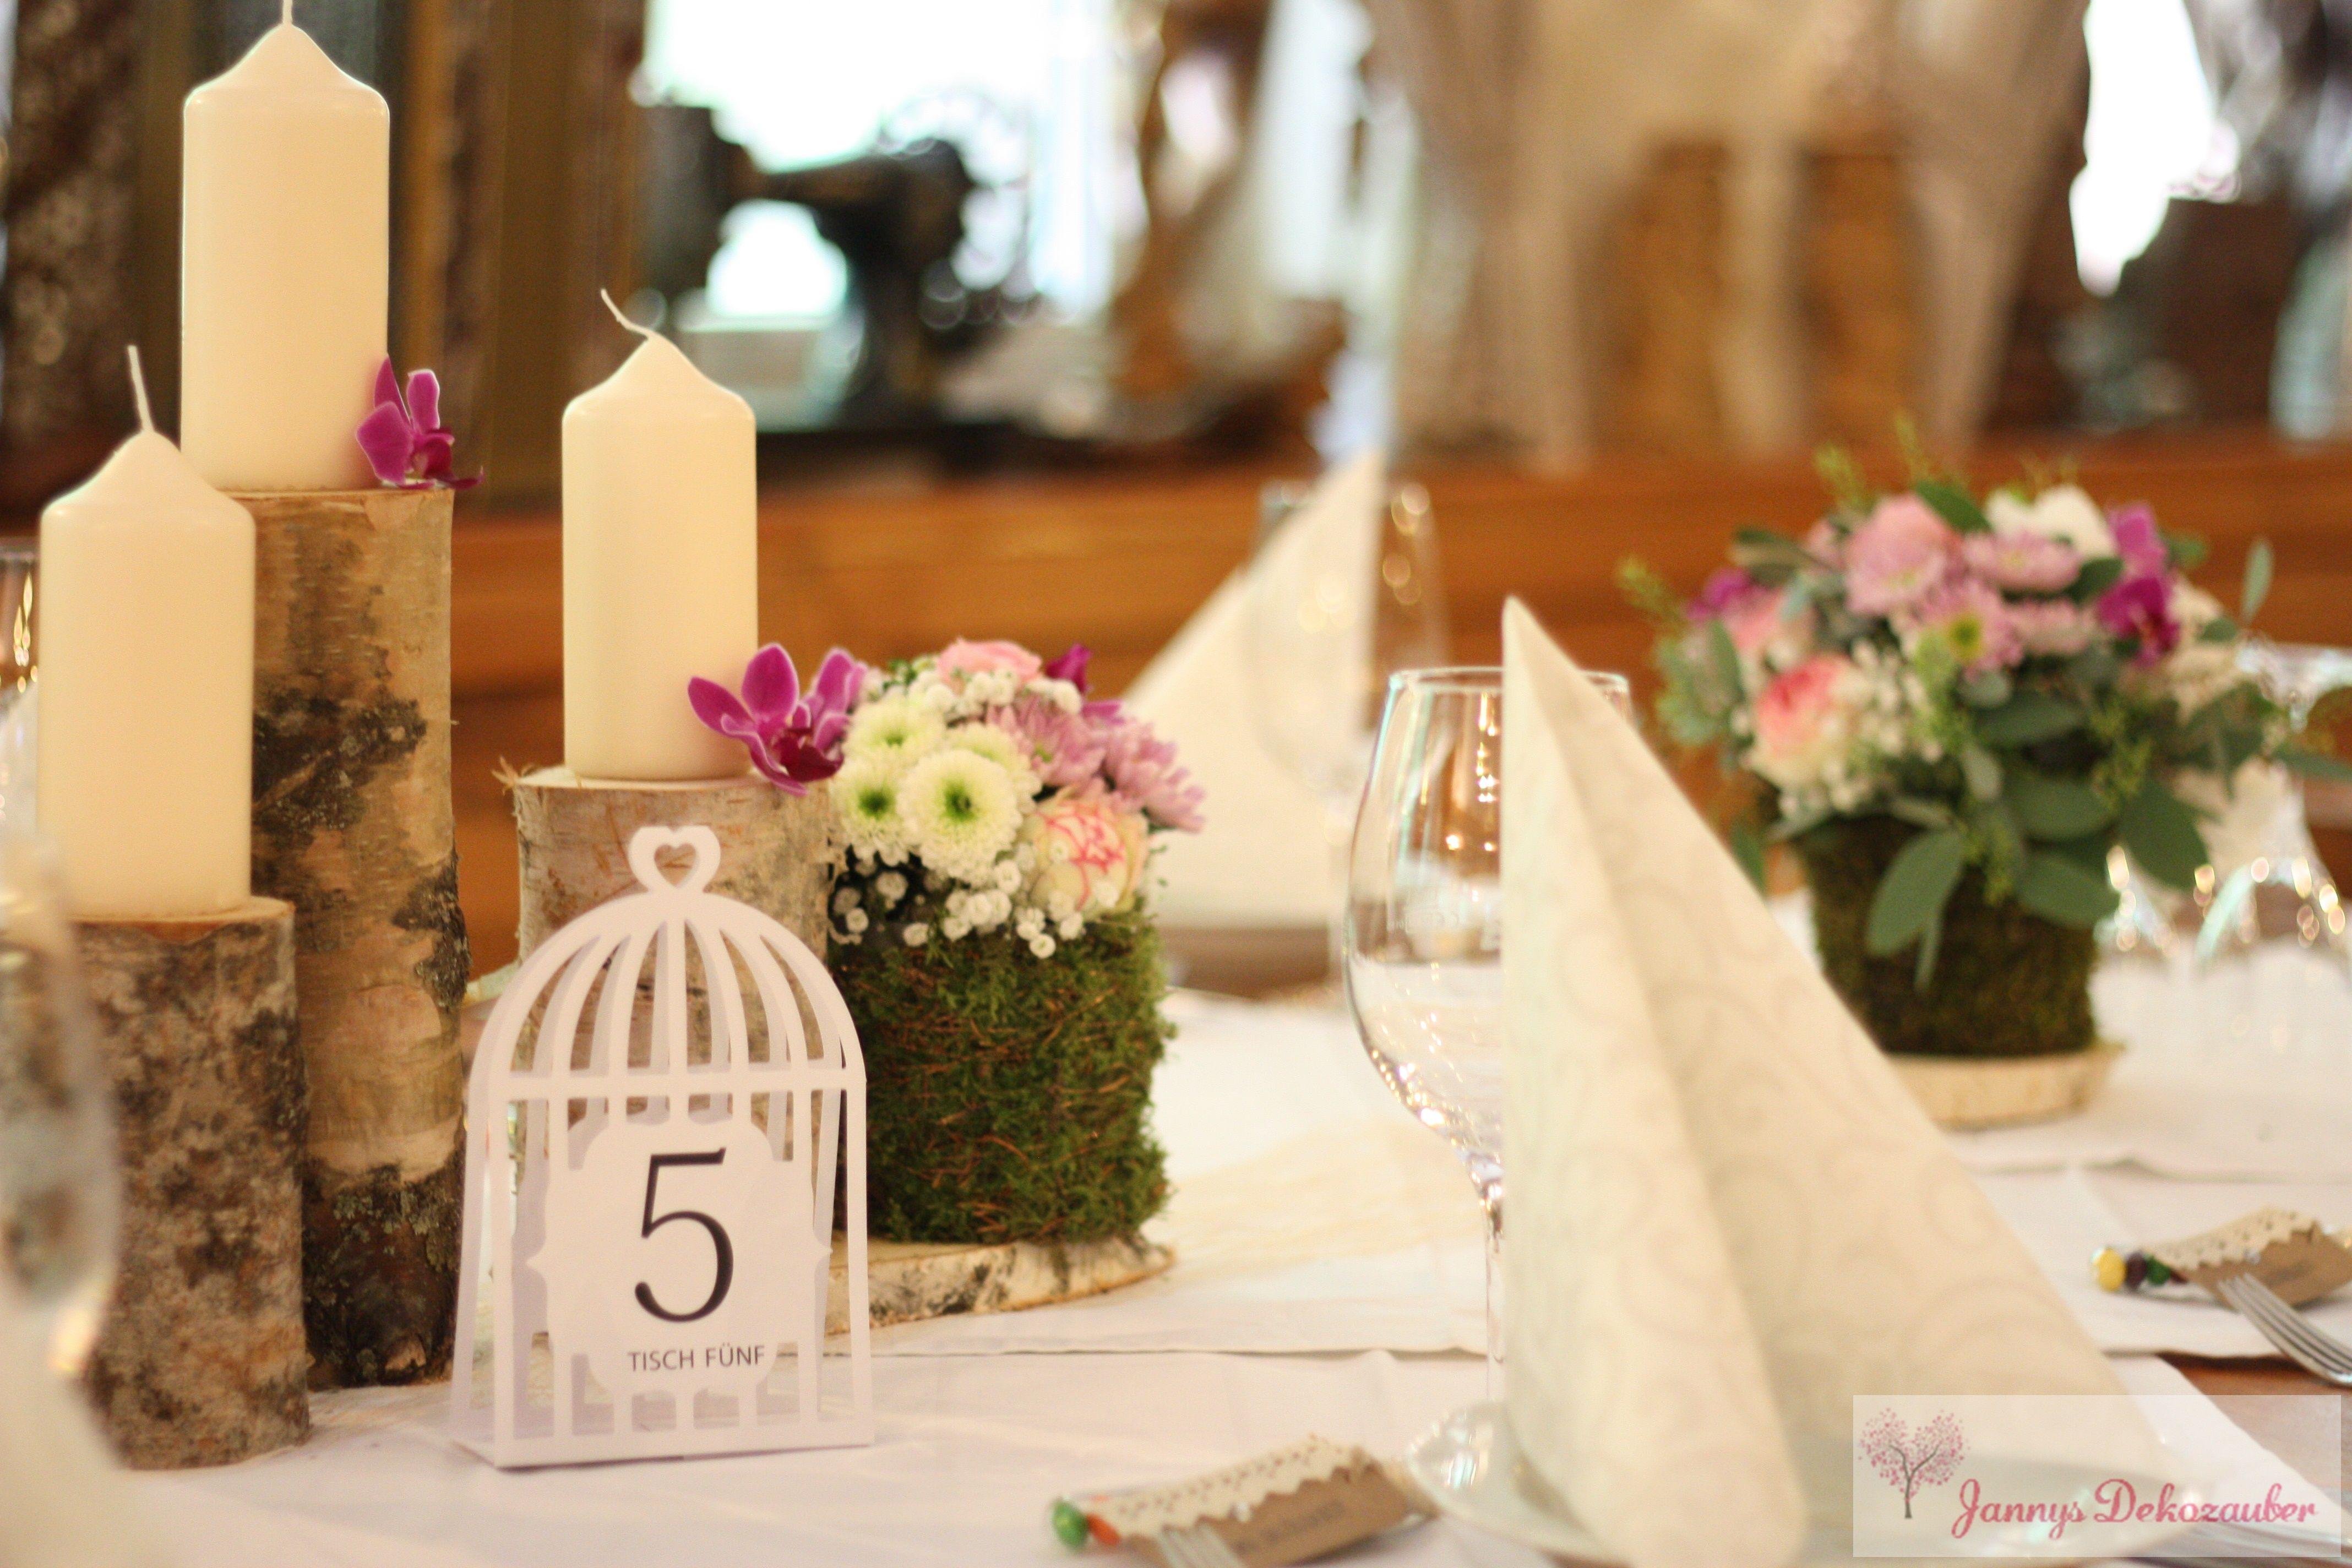 Holzstämme Kerzen Blumen Vintage Hochzeitsdeko Tischdeko Hochzeit Vintage Hochzeit Deko Hochzeitsdekoration Vintage Kerzen